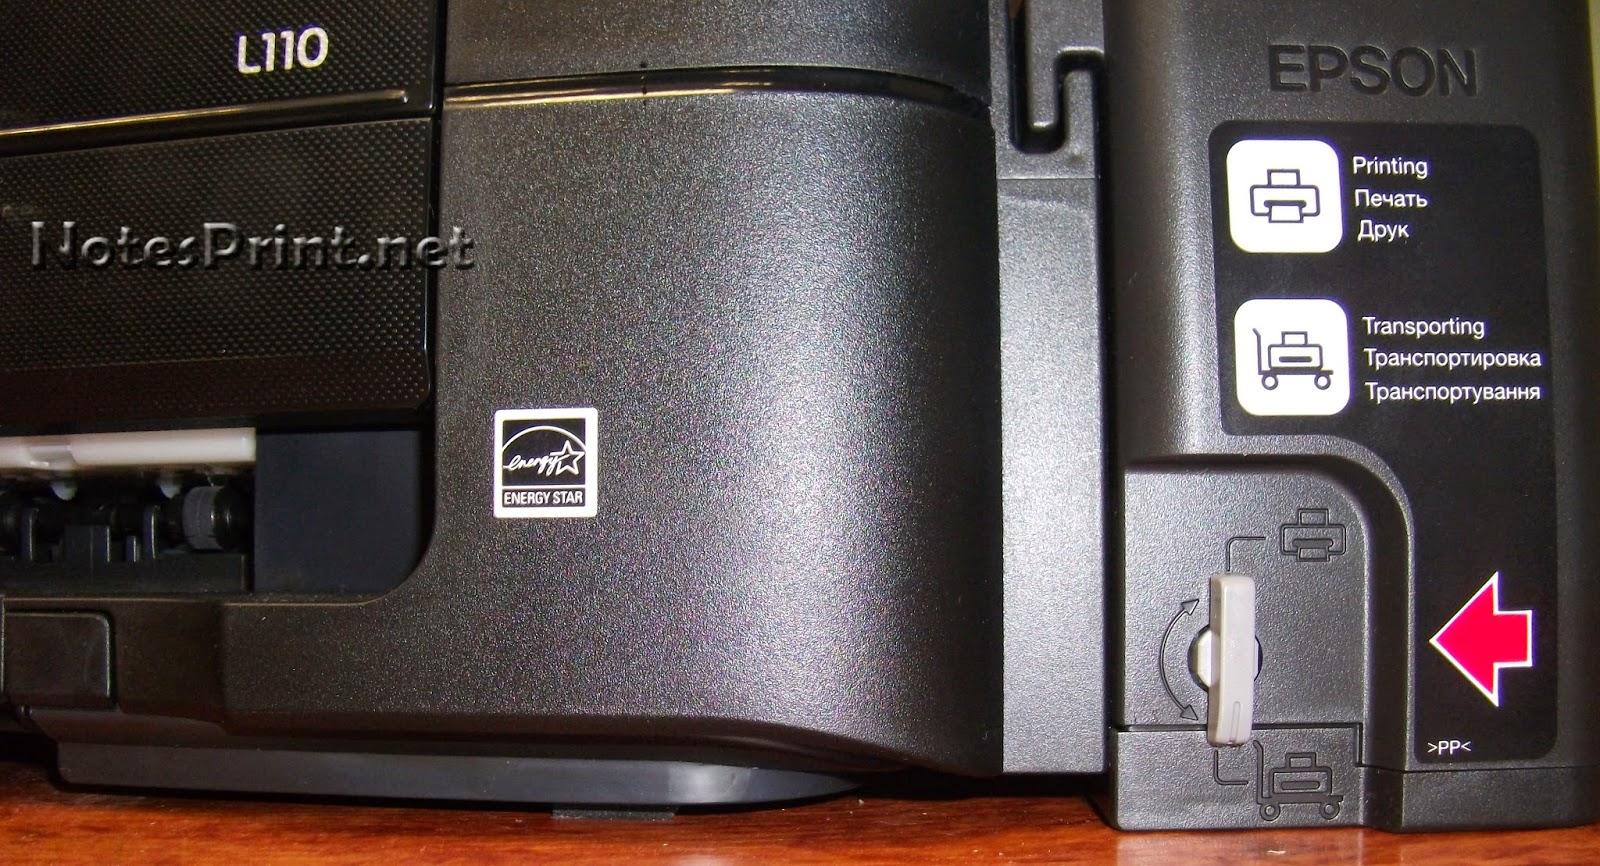 В принтере эпсон не печатает синий цвет